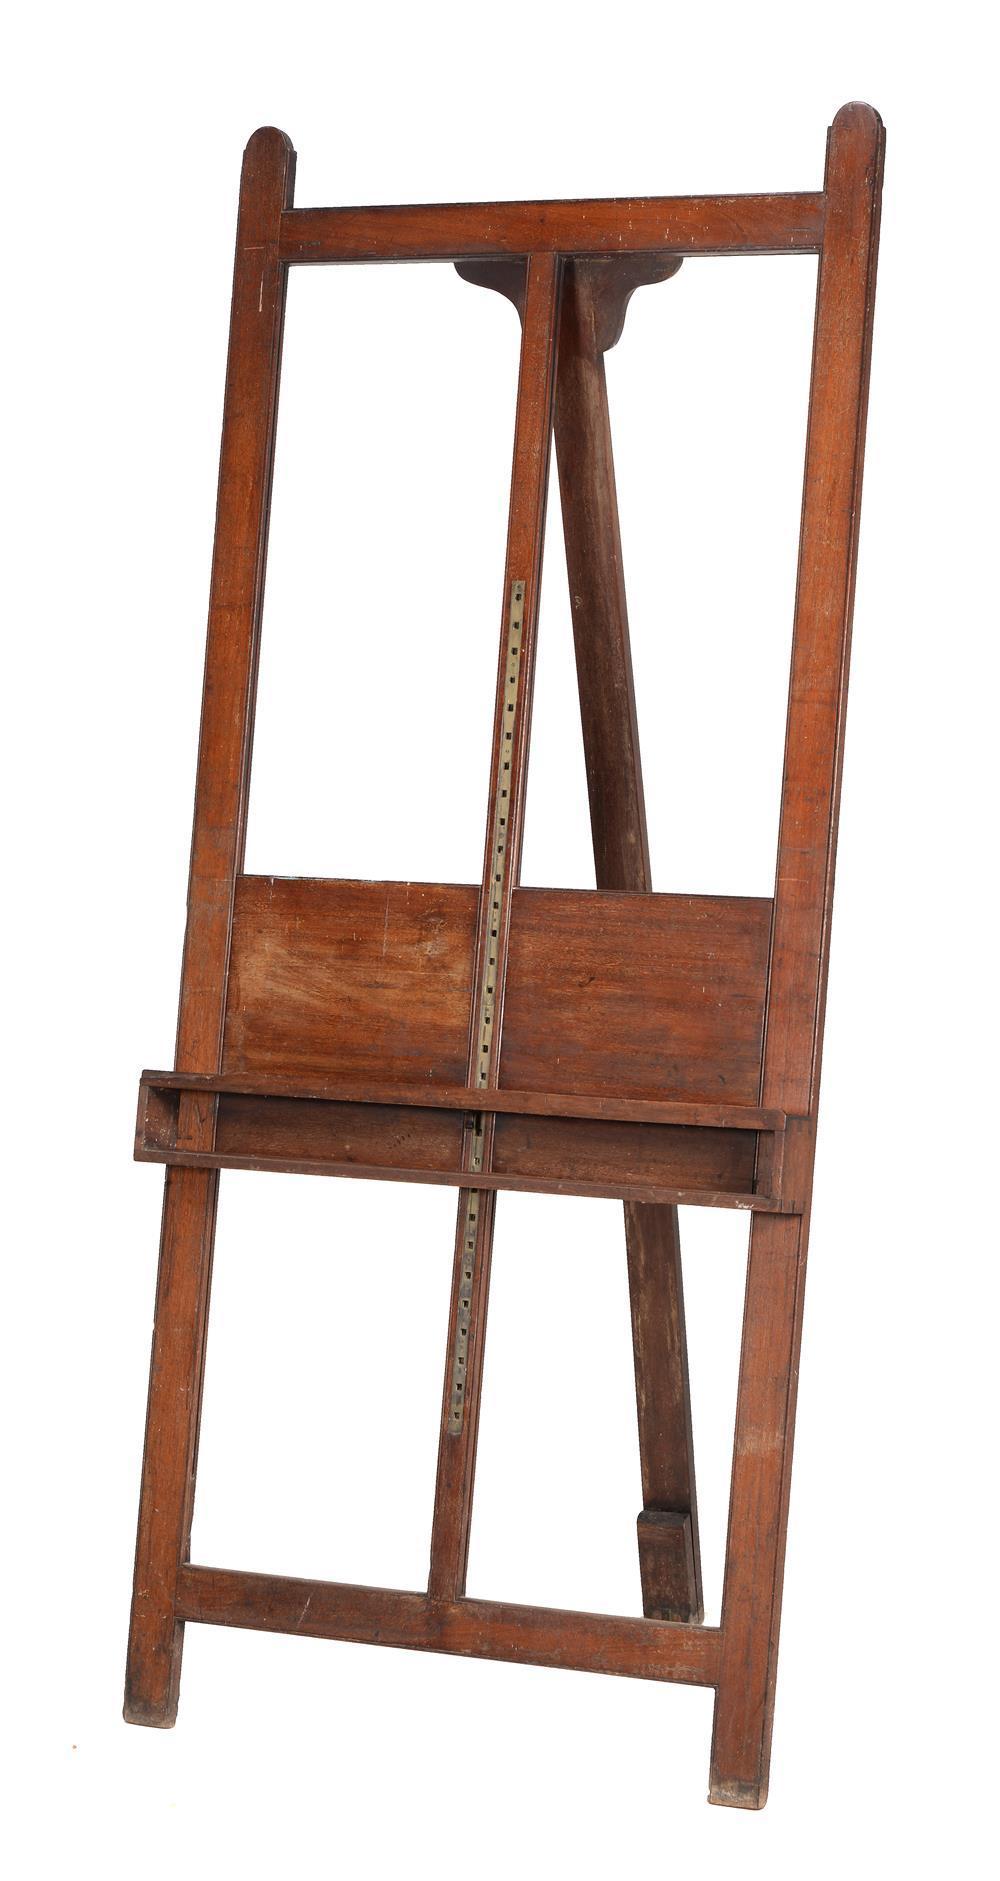 A mahogany artist's easel